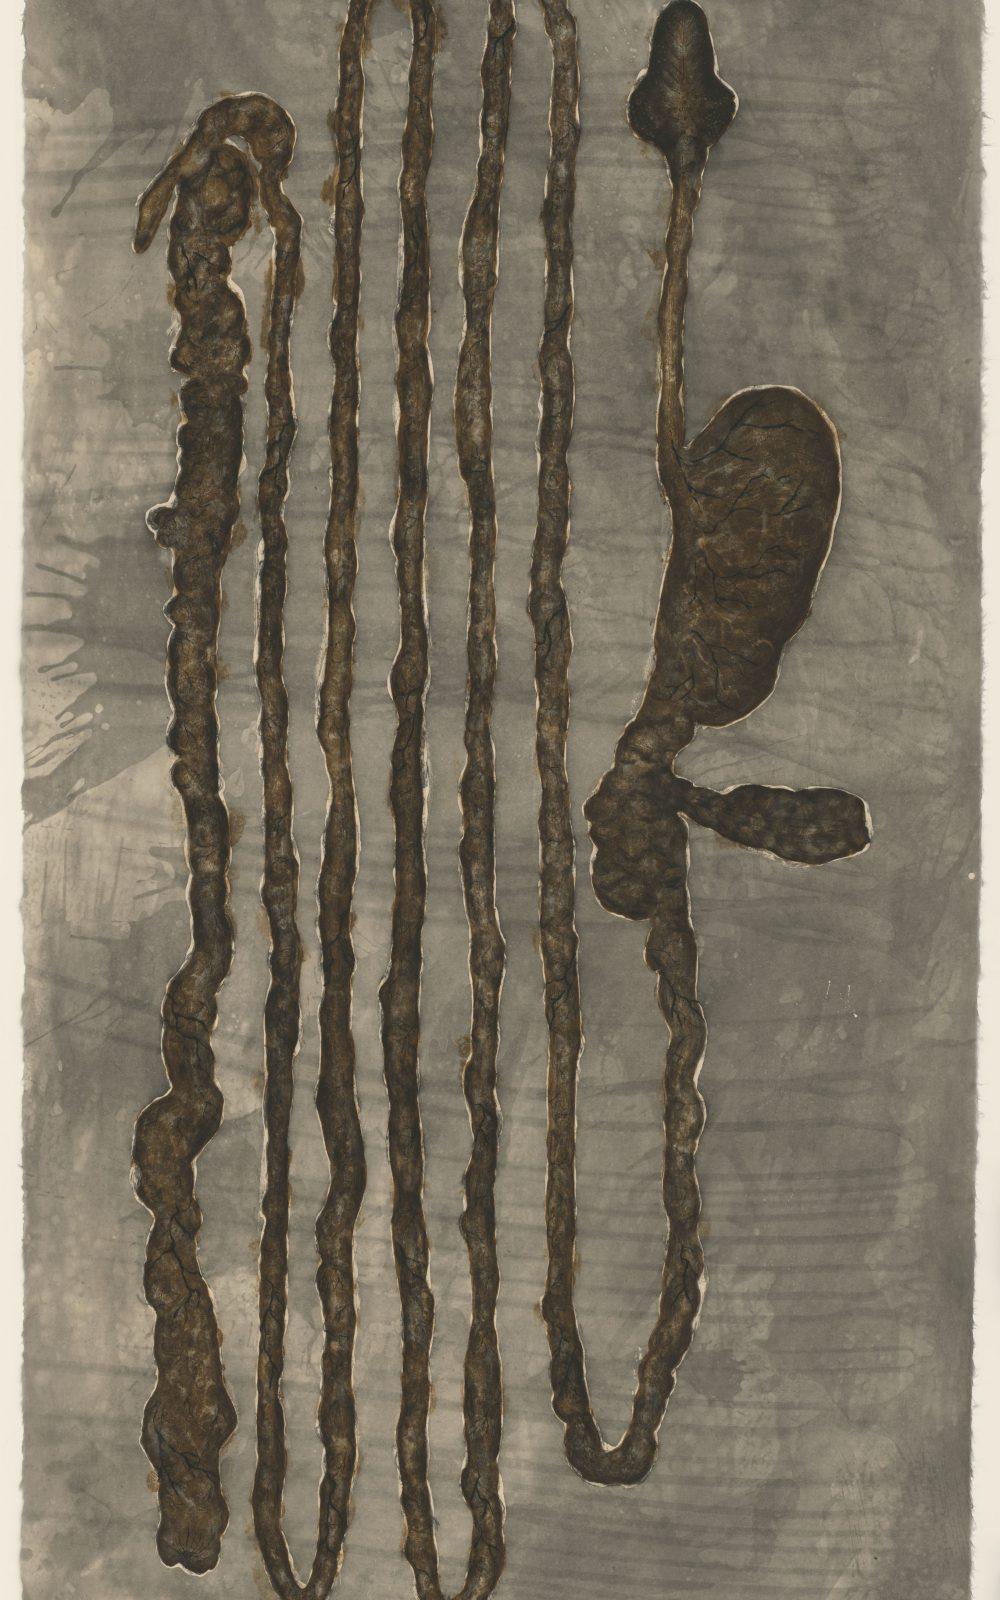 Kiki Smith, 1993, Radierung und Aquatinta auf japanischem Echizen Kouzo Kizuki-Papier, 1855 x 919 mm, Staatliche Graphische Sammlung München, Schenkung der Künstlerin © Kiki Smith, courtesy Pace Gallery